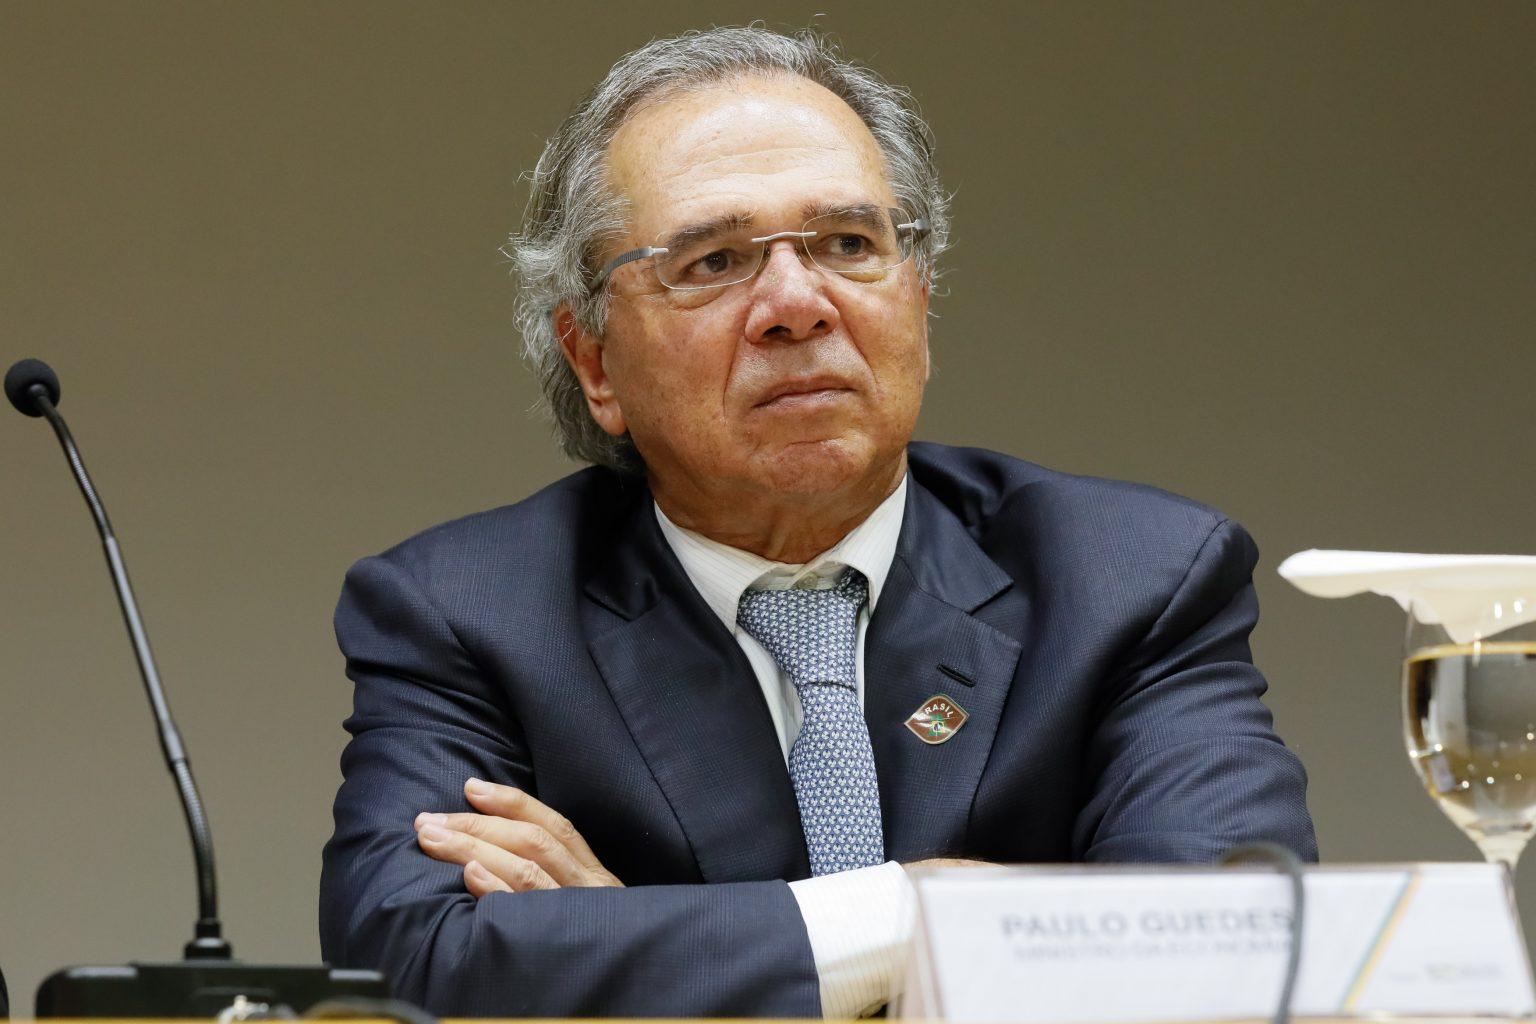 Entenda em 6 pontos a proposta da reforma tributária de Paulo Guedes